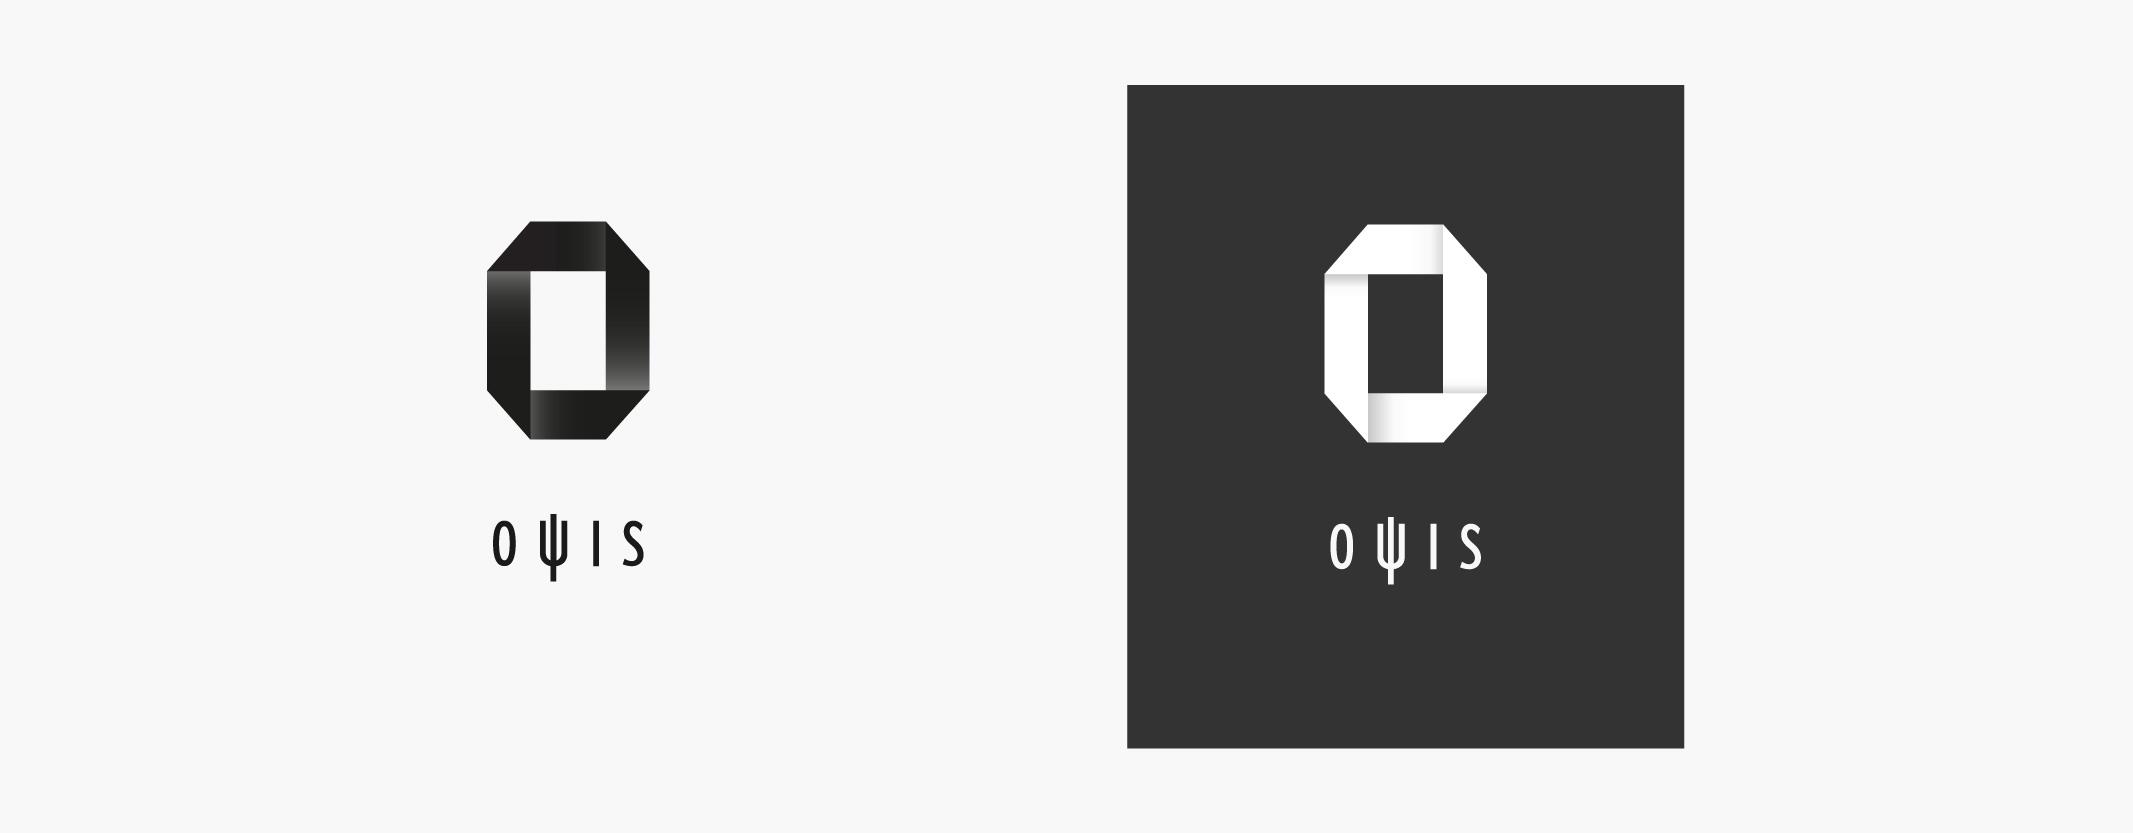 51_logos_opsis